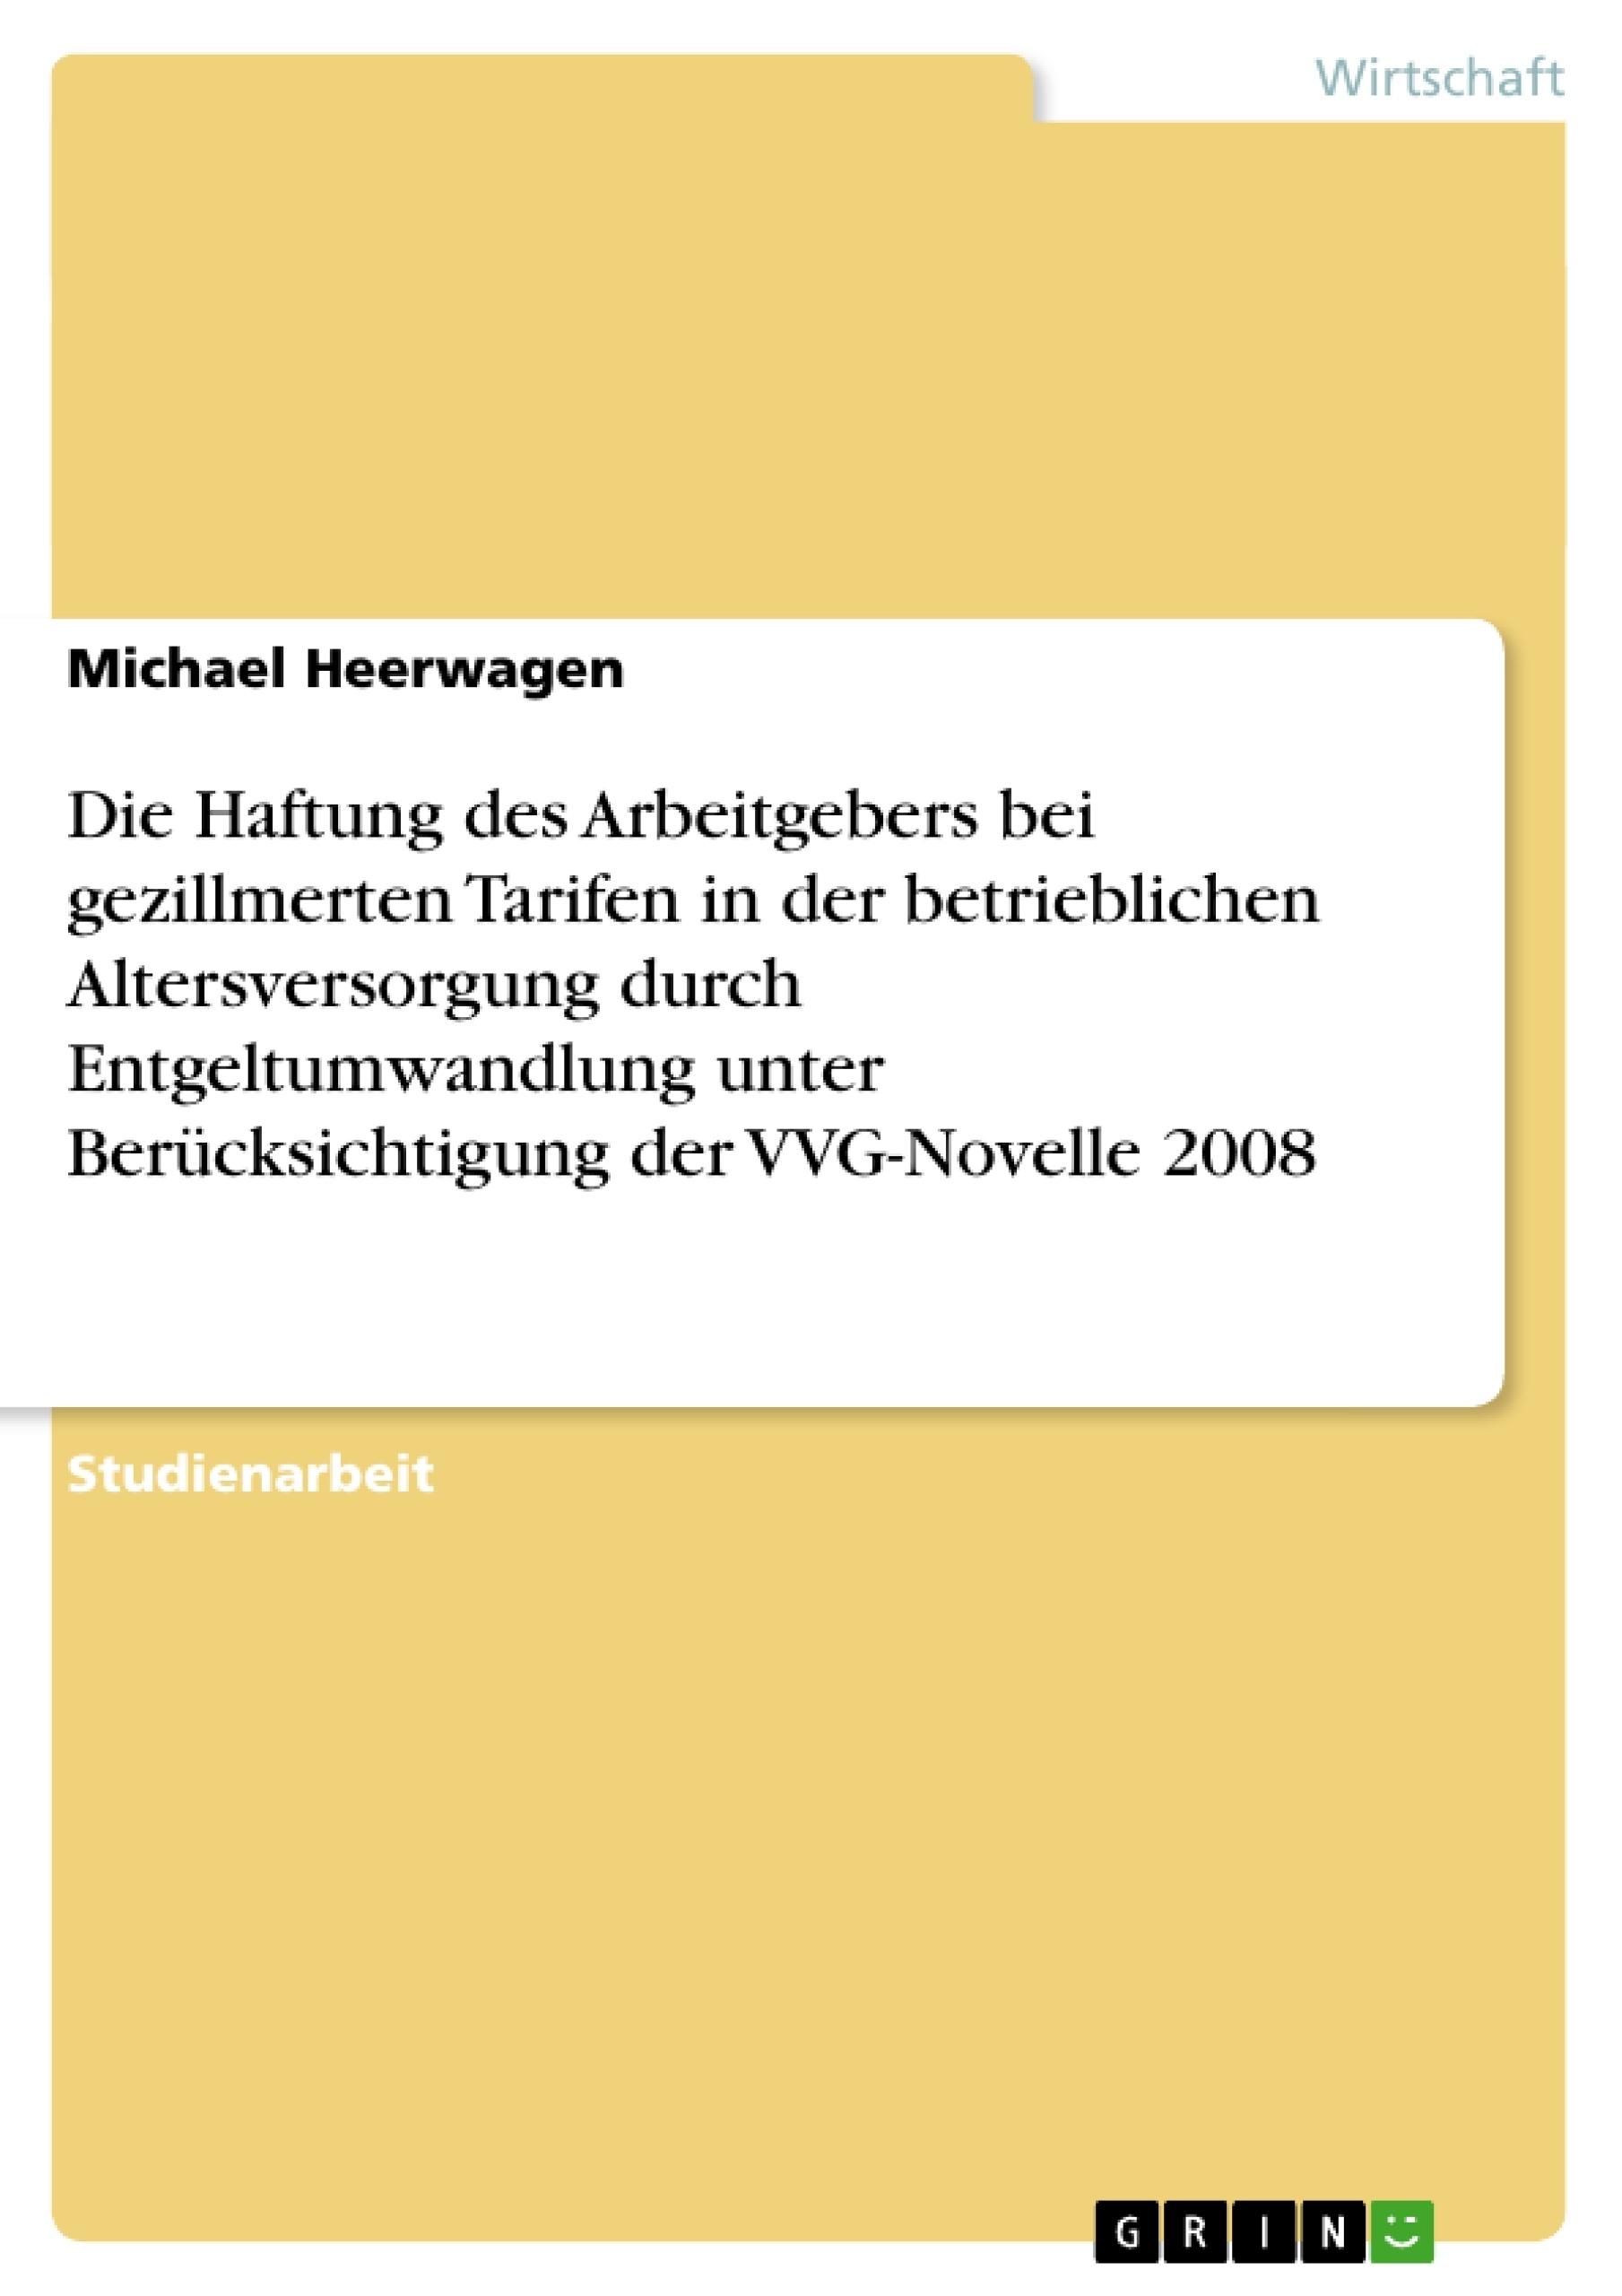 Titel: Die Haftung des Arbeitgebers bei gezillmerten Tarifen in der betrieblichen Altersversorgung durch Entgeltumwandlung unter Berücksichtigung der VVG-Novelle 2008